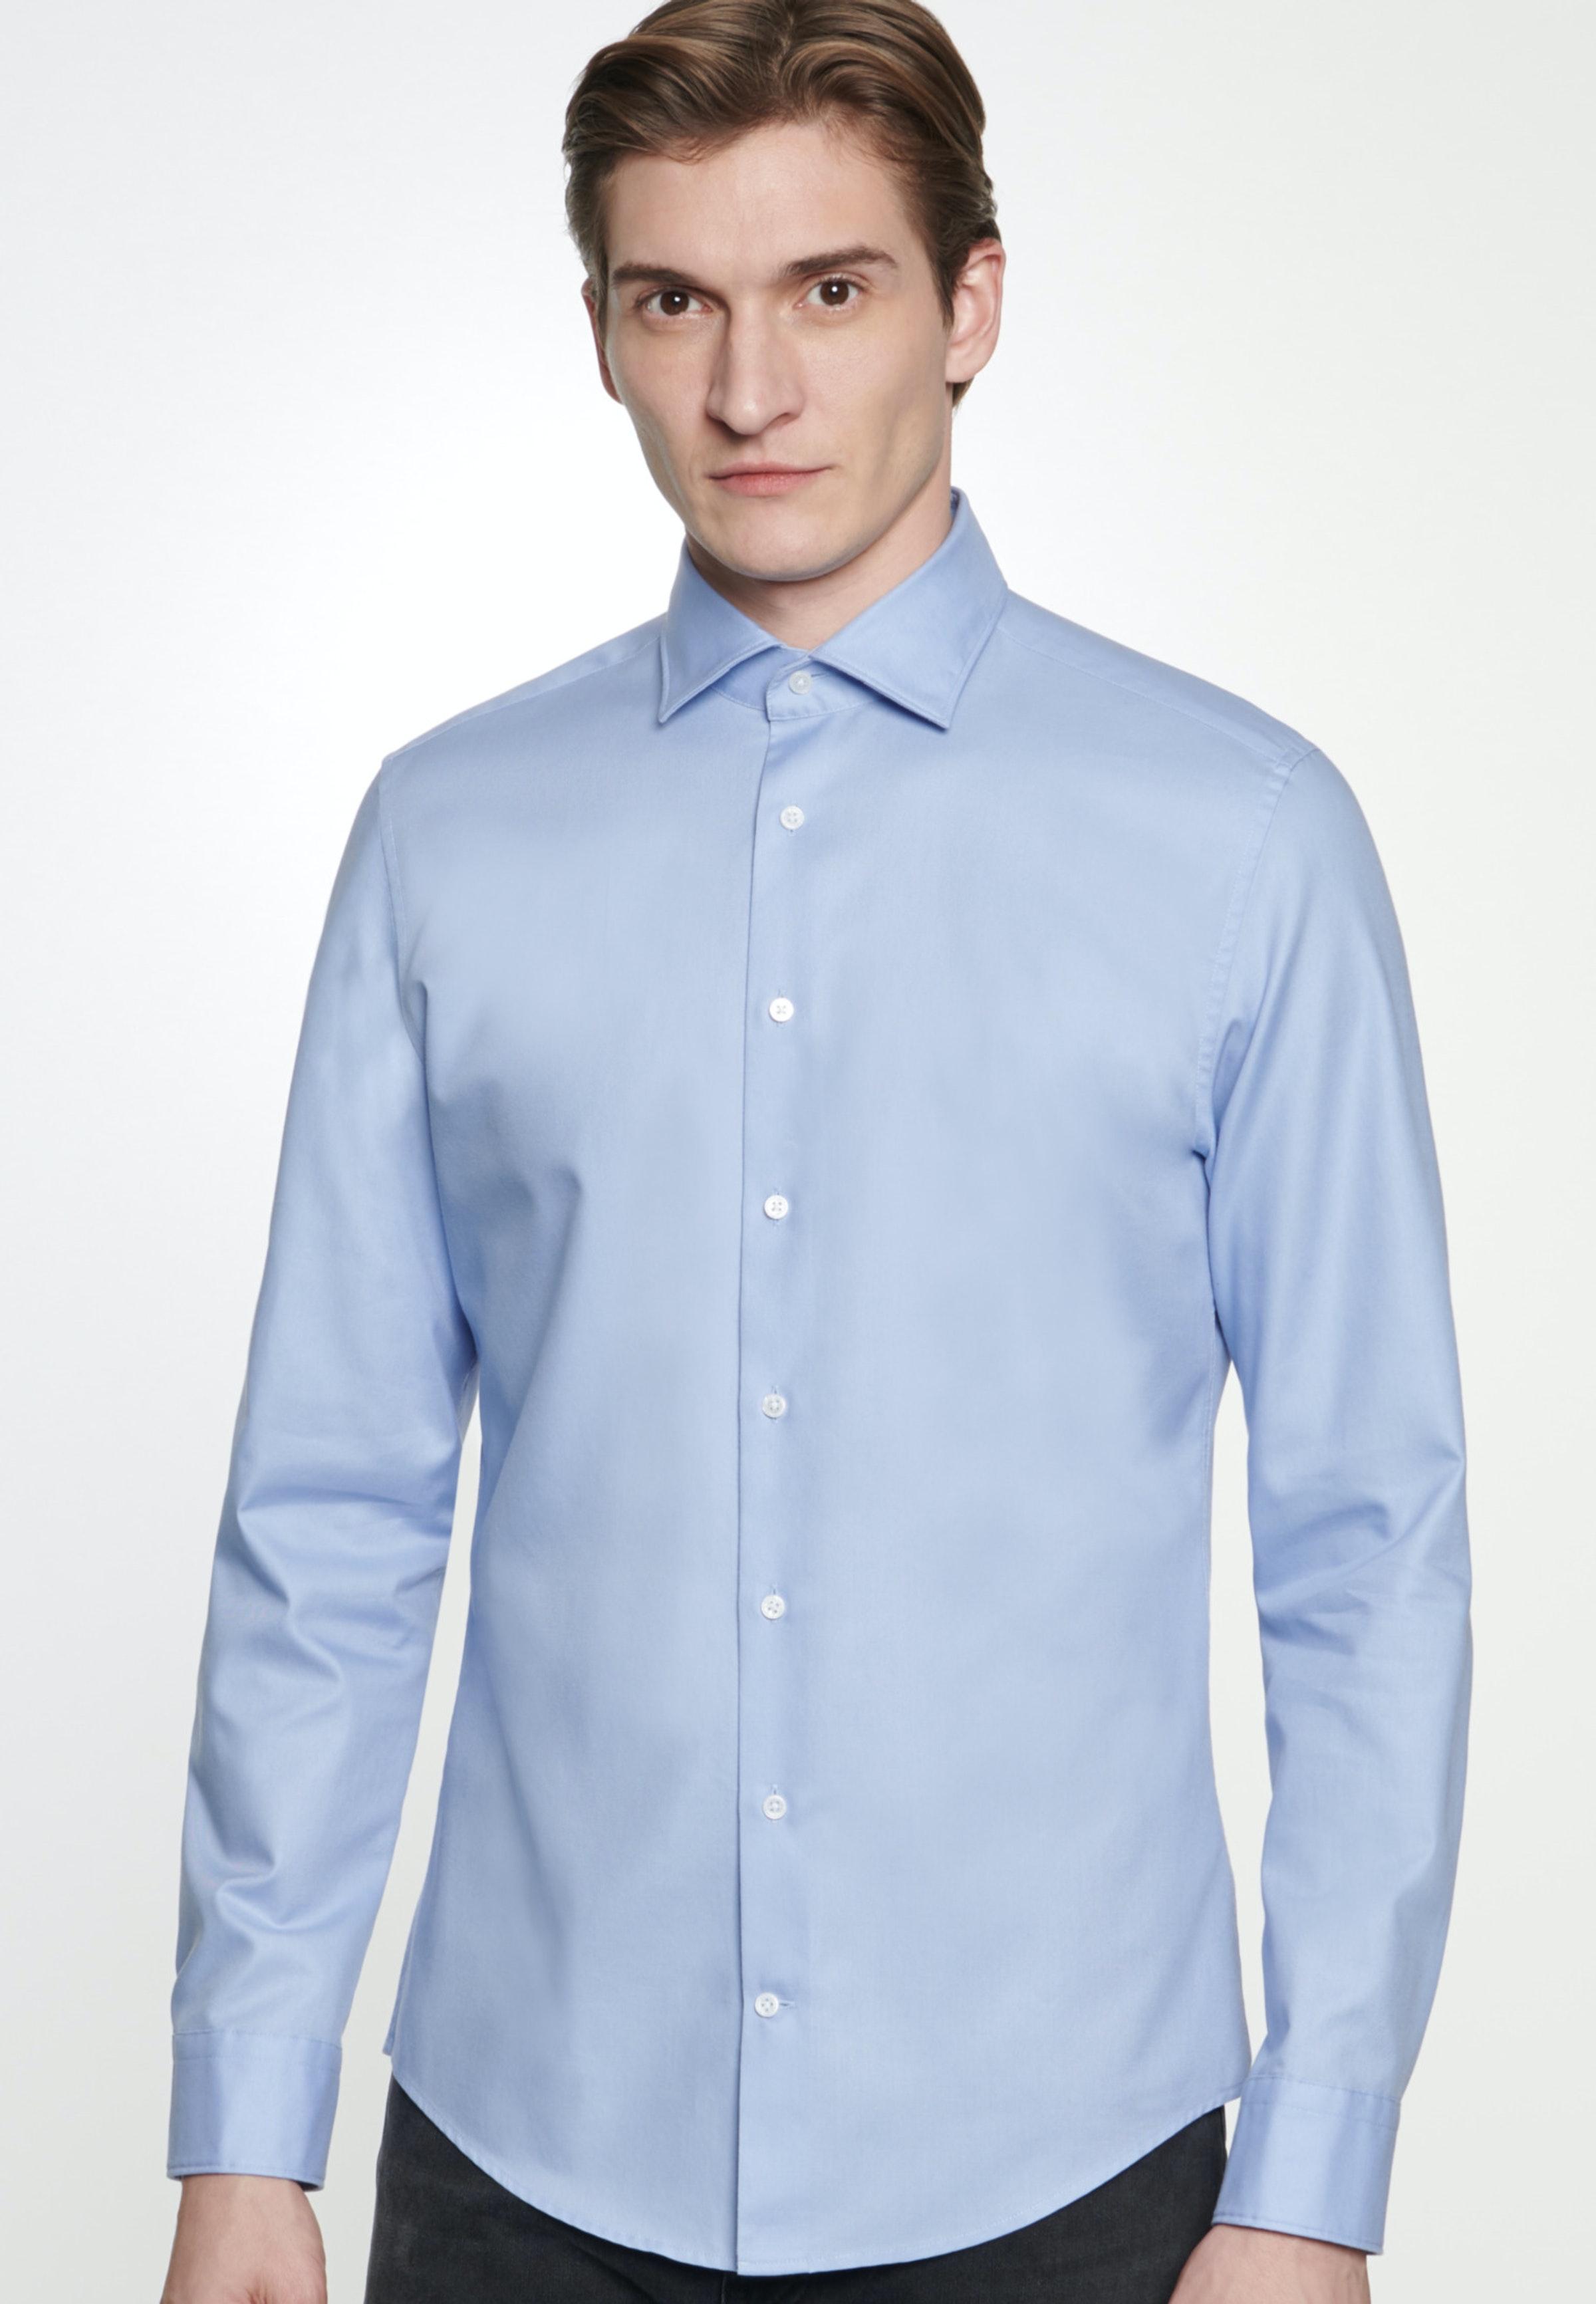 Seidensticker – 30% auf das gesamte Sortiment Black Friday, zB: Bügelleichtes Twill Business Hemd